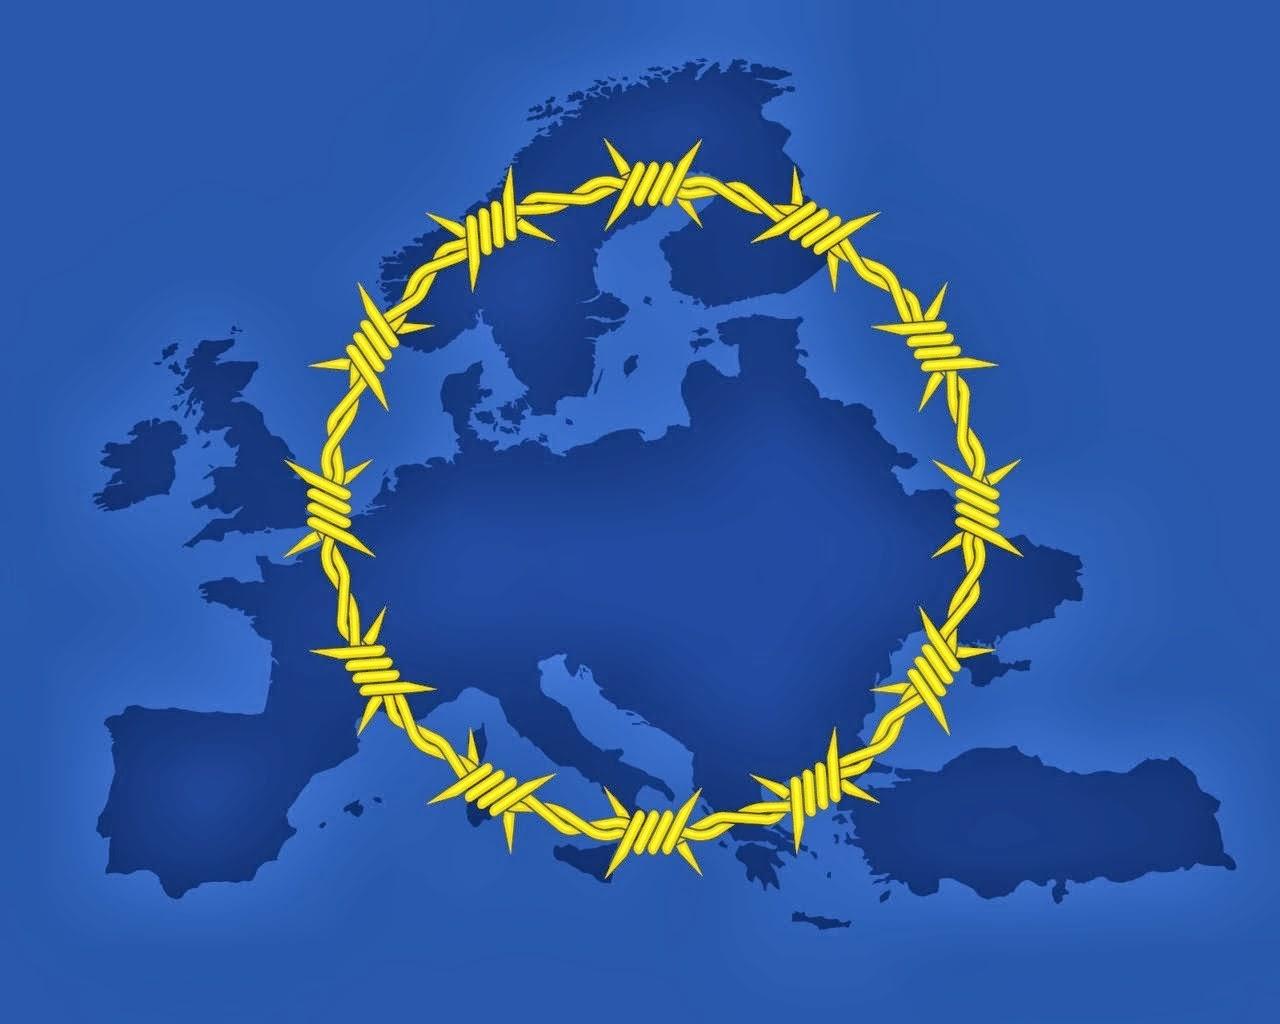 La misura di uno Stato membro dell'Unione Europea che disincentiva l'investimento di capitali stranieri non configura fiscalmente una restrizione alla libera circolazione dei capitali.